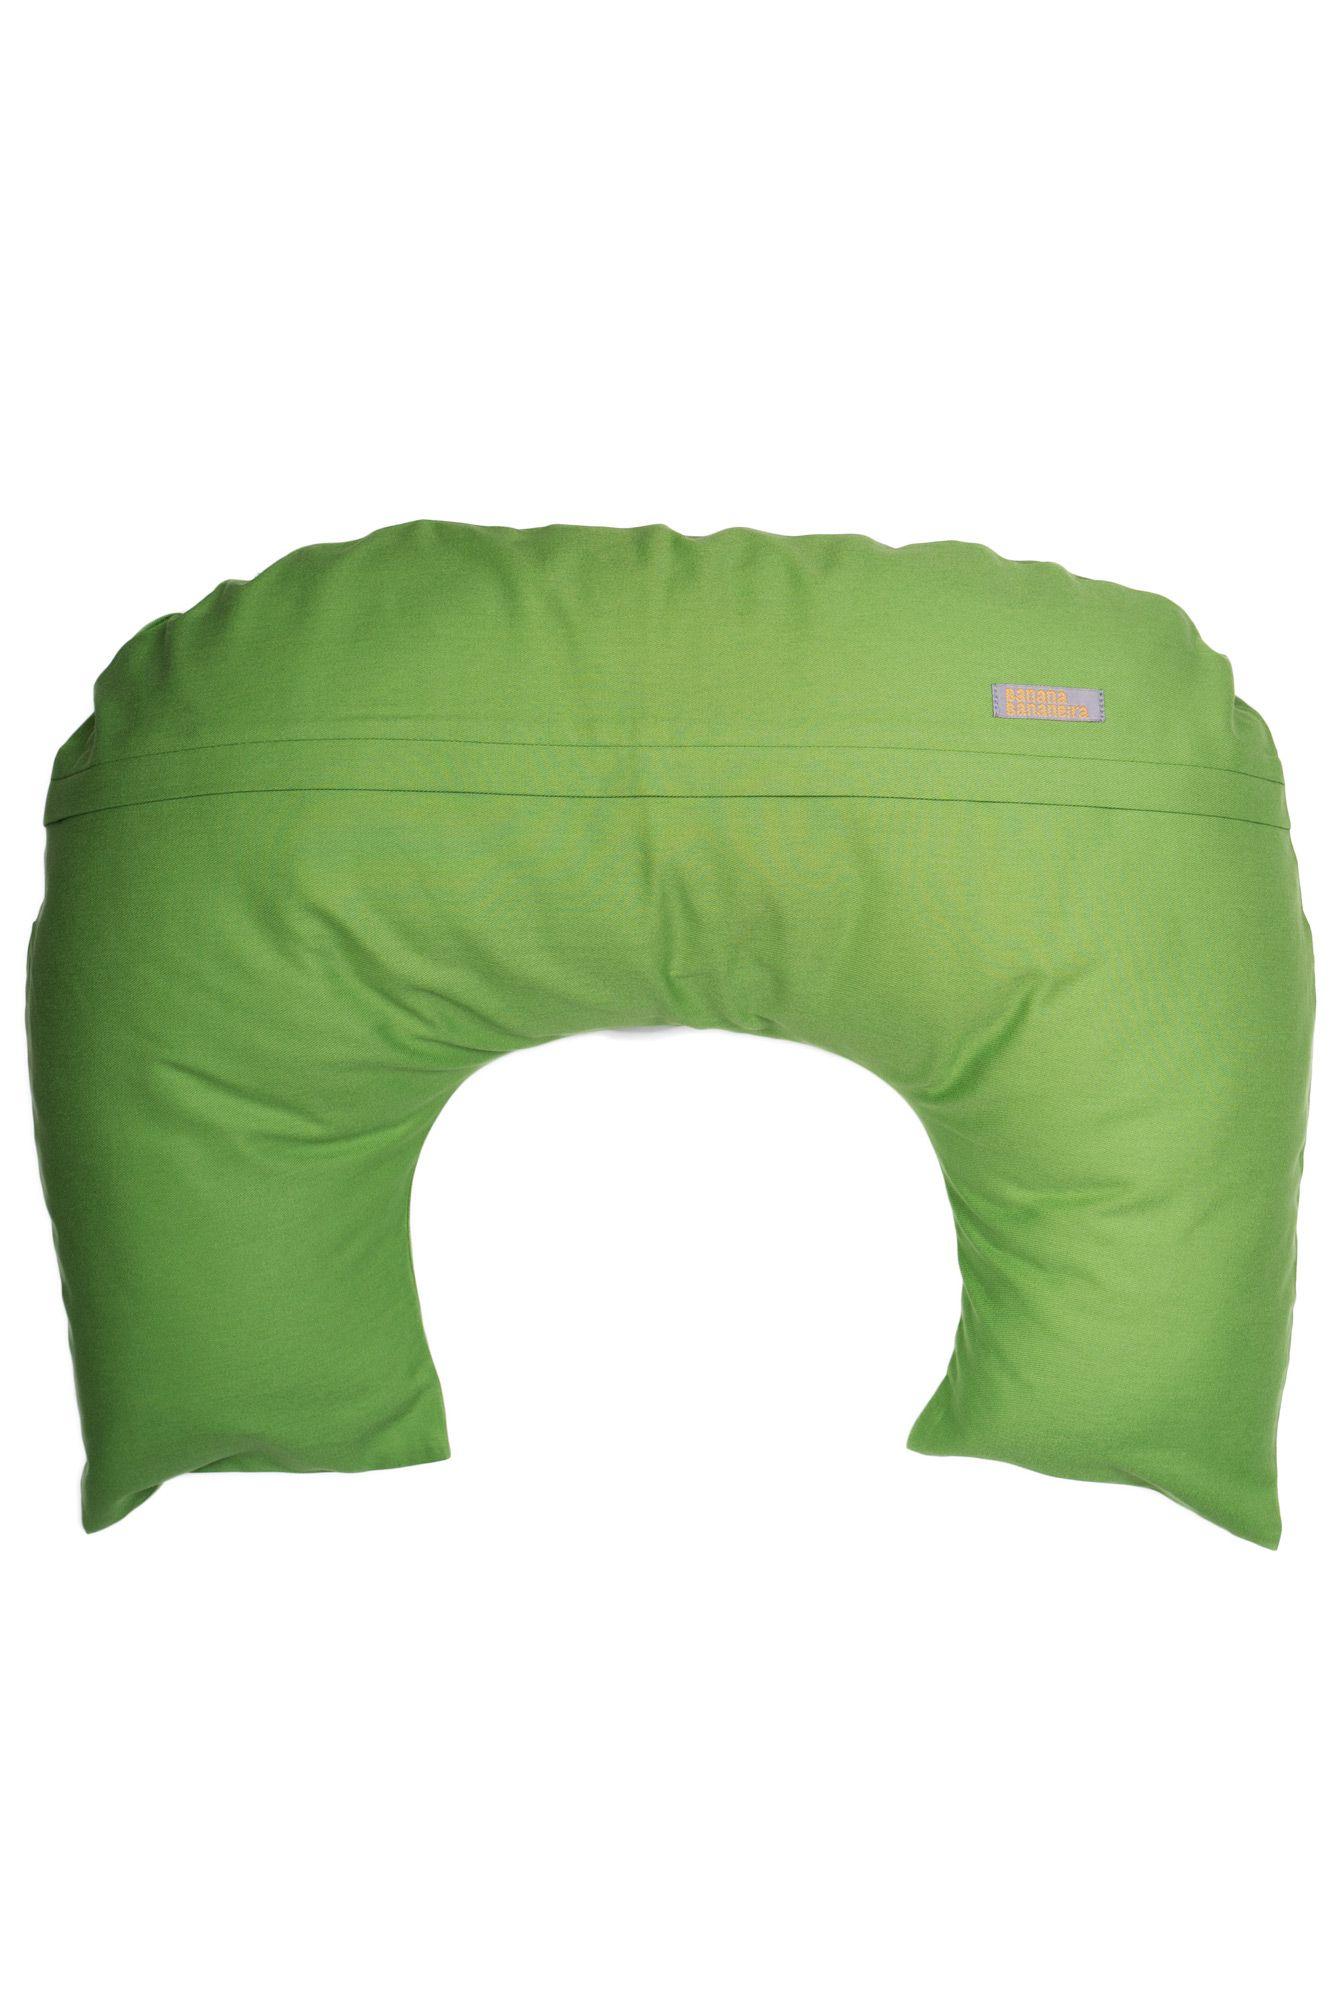 Almofada de amamentação verde